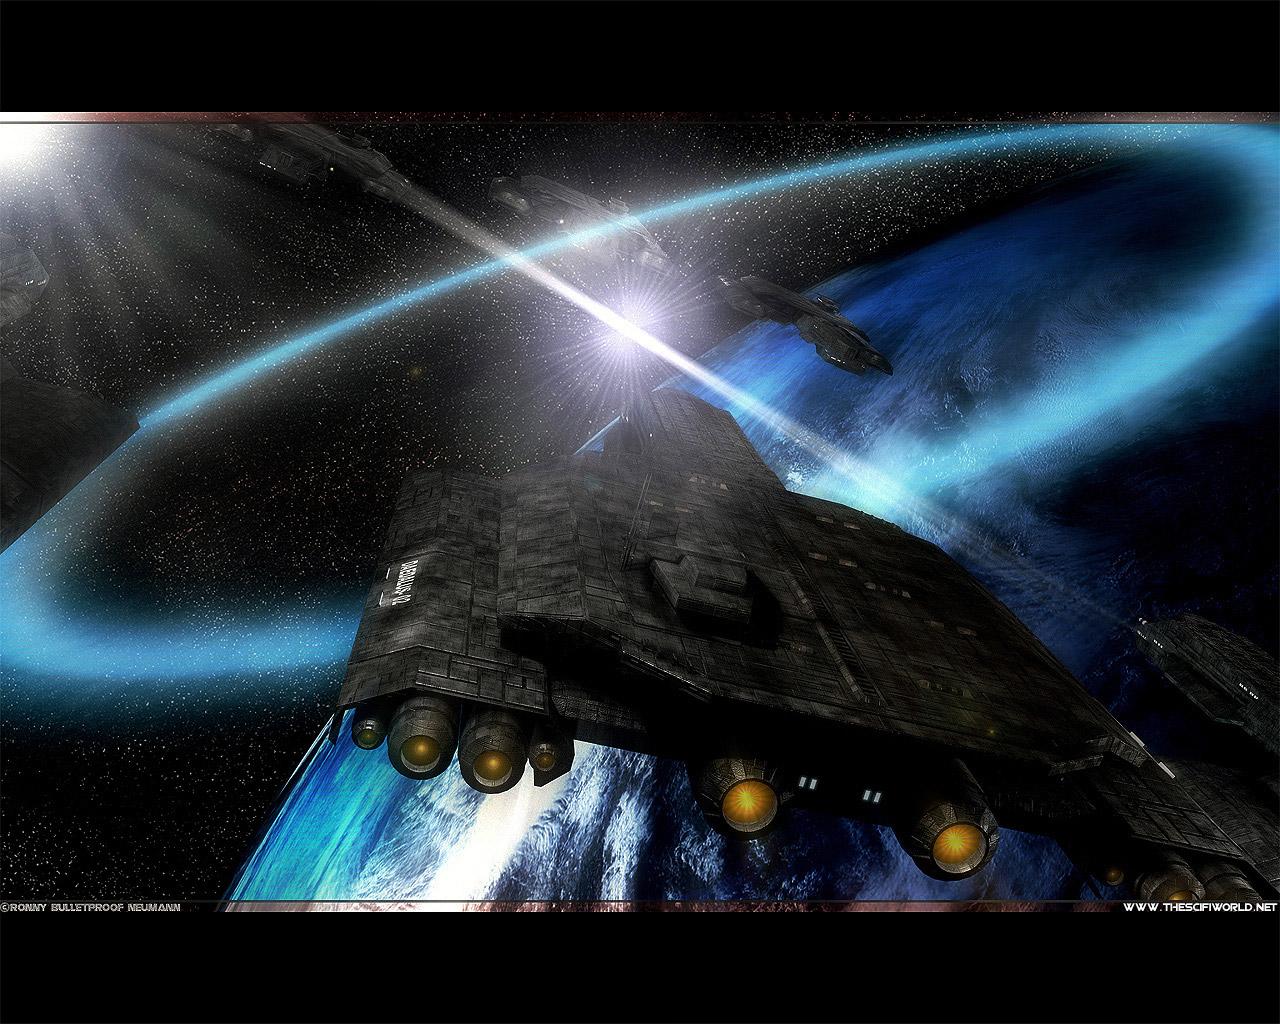 Wallpapers Stargate Wallpaper Stargate Sg 1 Stargate Atlantis